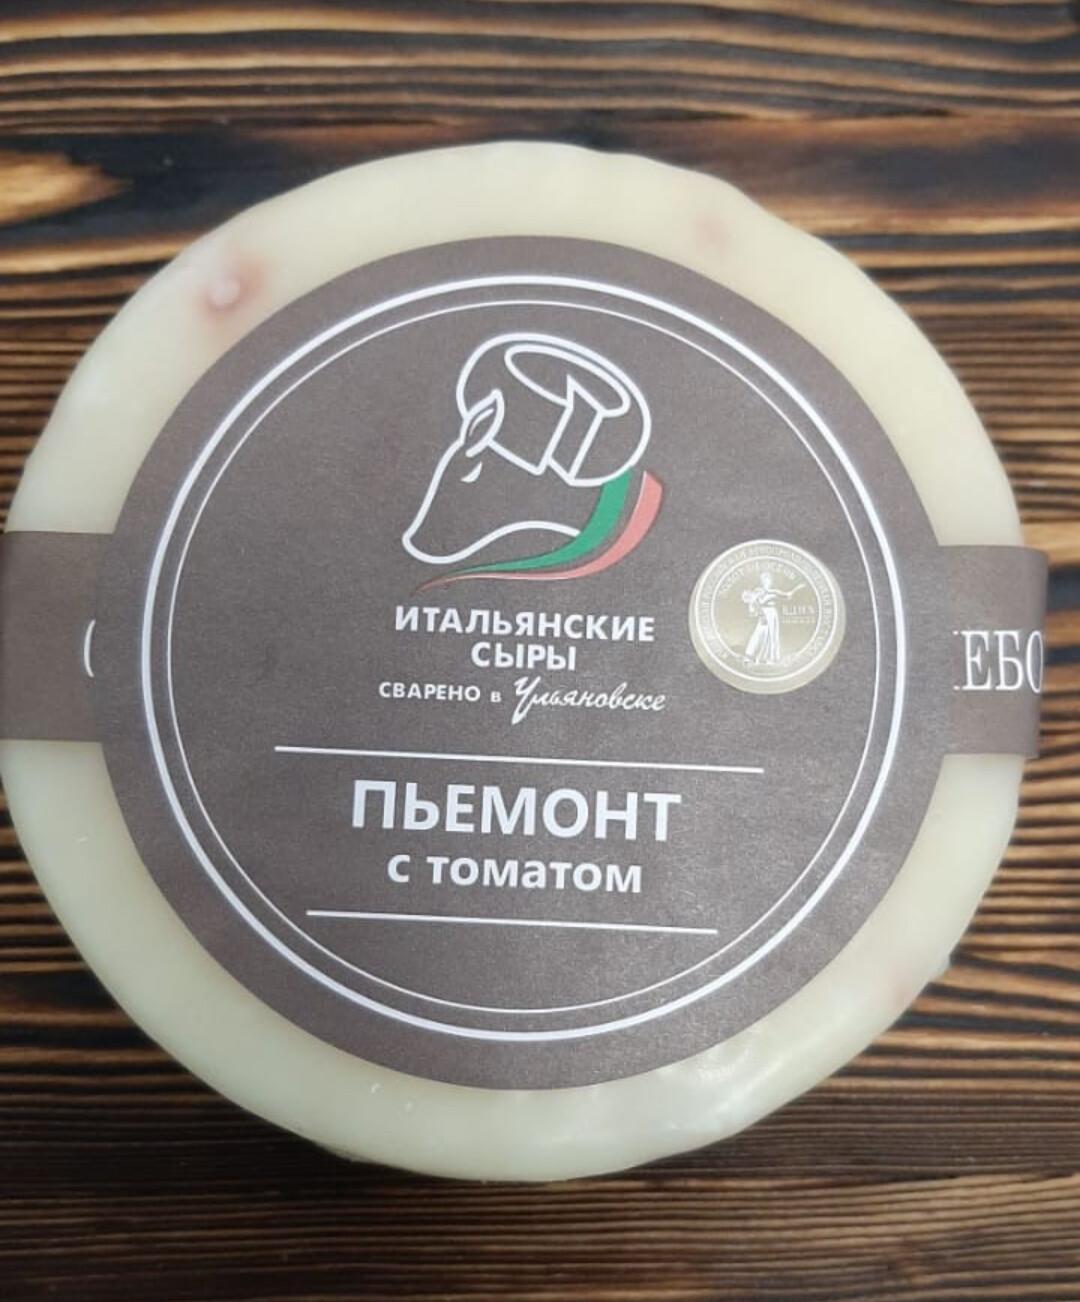 Пьемонт с томатом